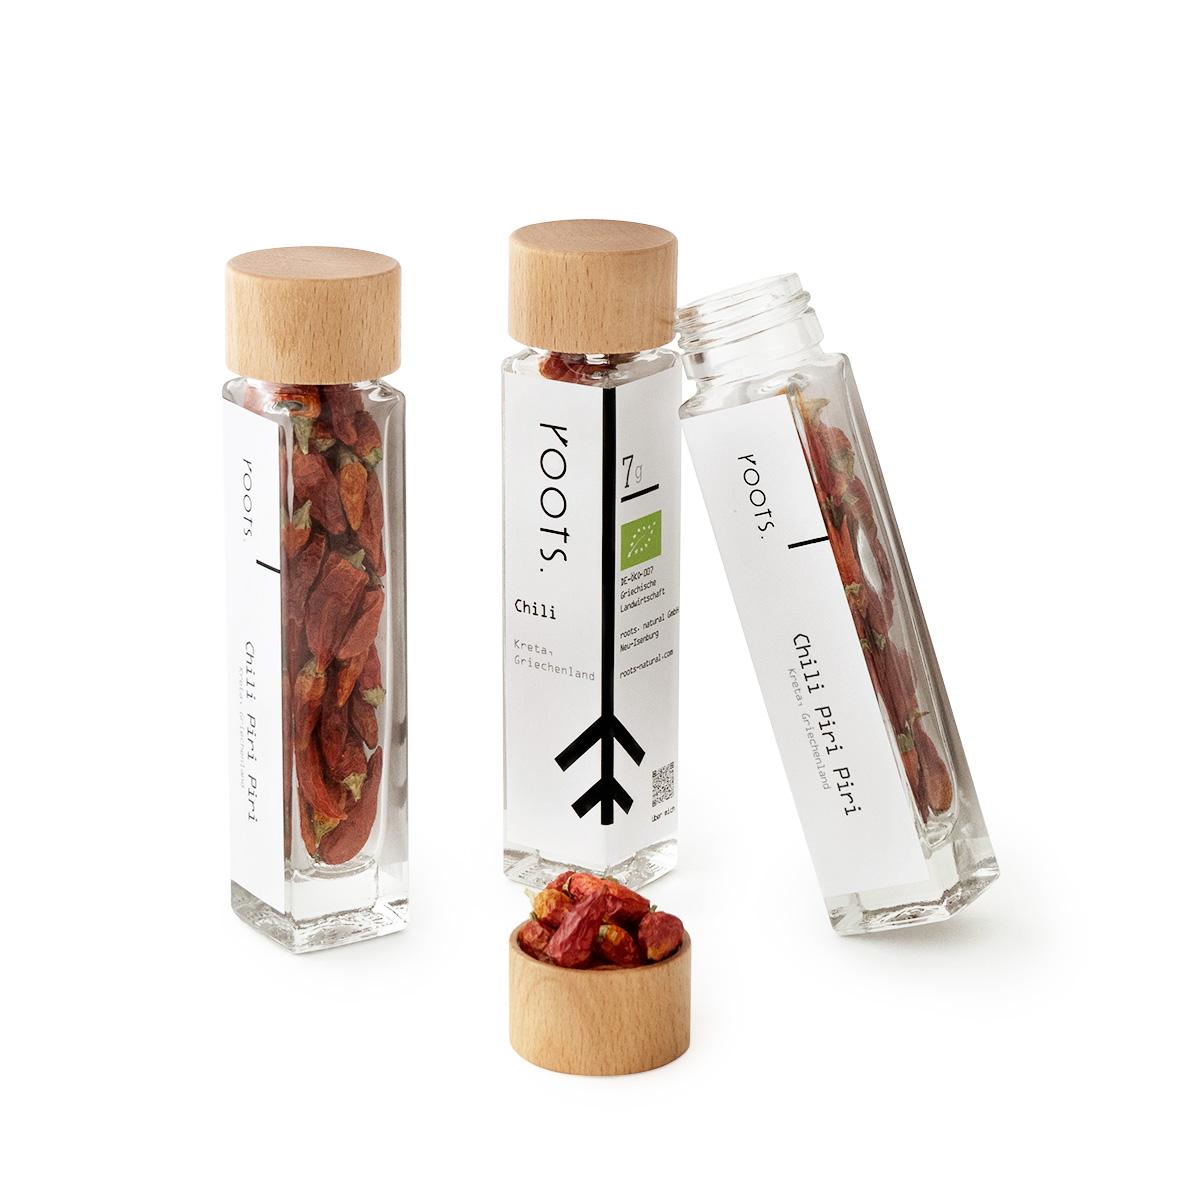 Chilischote kaufen bio Piri Piri von roots im Gewuerz-Glas natuerlich und direkt aus Kreta